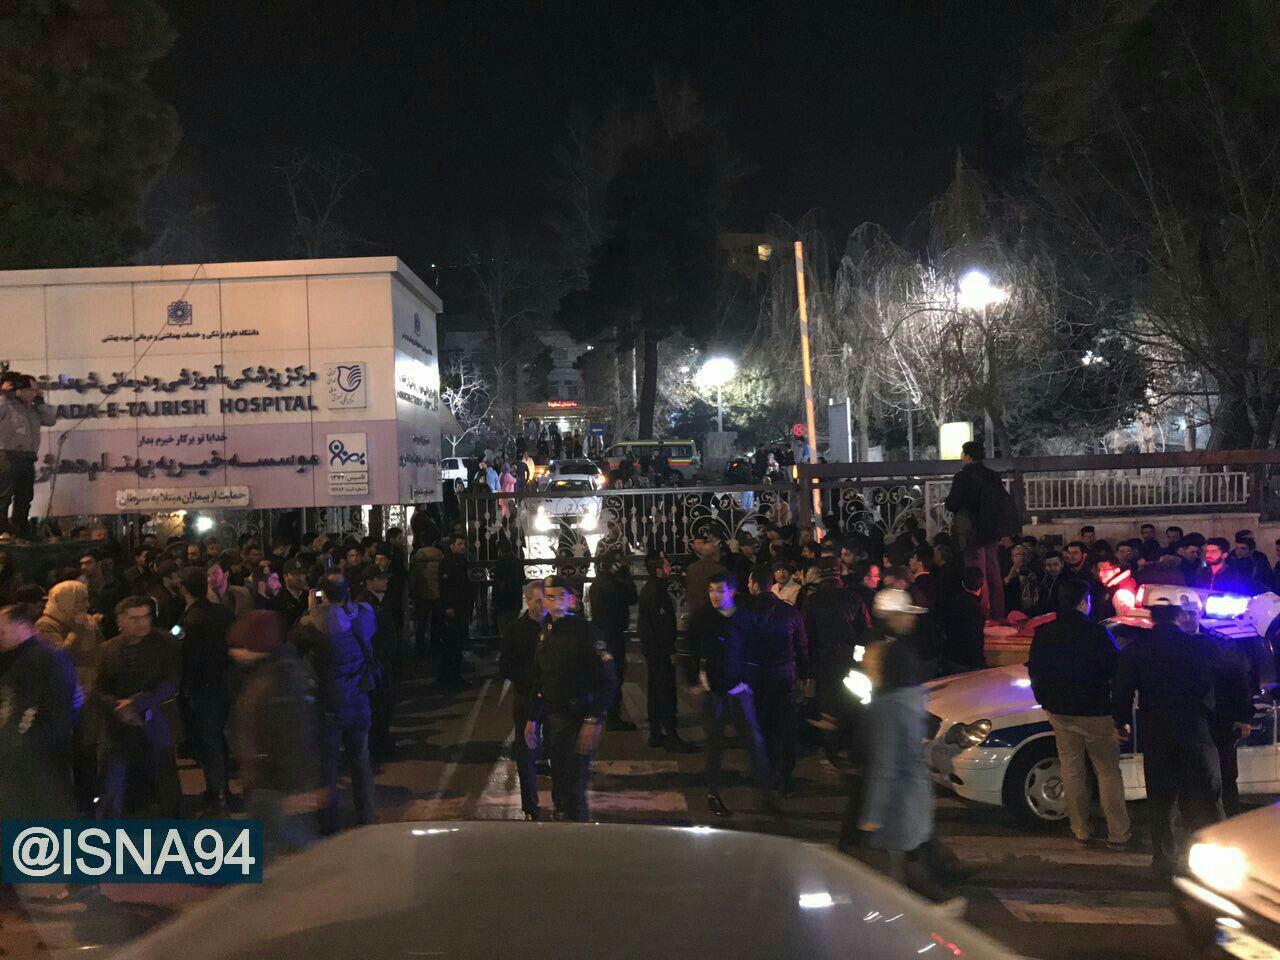 تصاویر/ تجمع مردم عزادار در مقابل بیمارستان شهدای تجریش